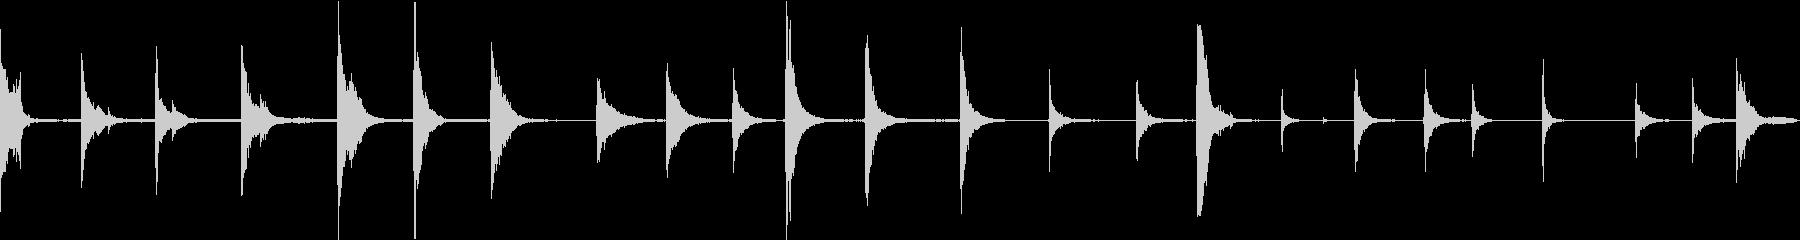 ドラムバレルヒットの未再生の波形